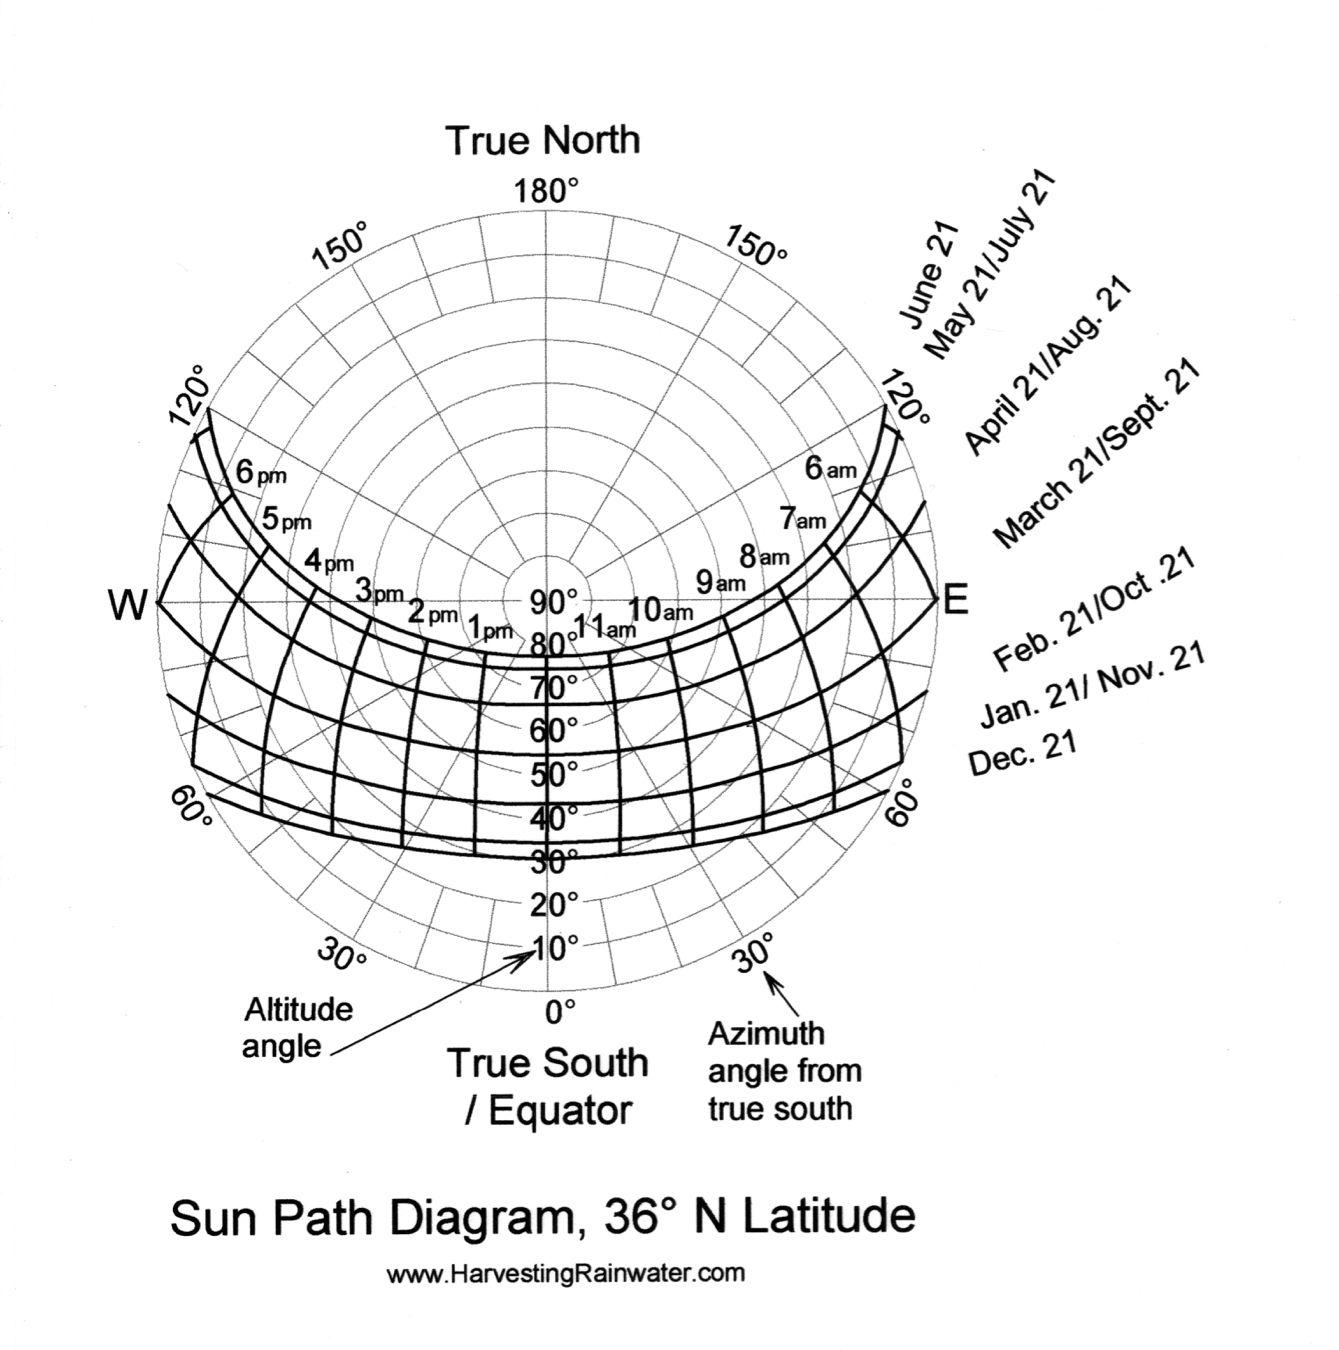 Sun Path Diagrams